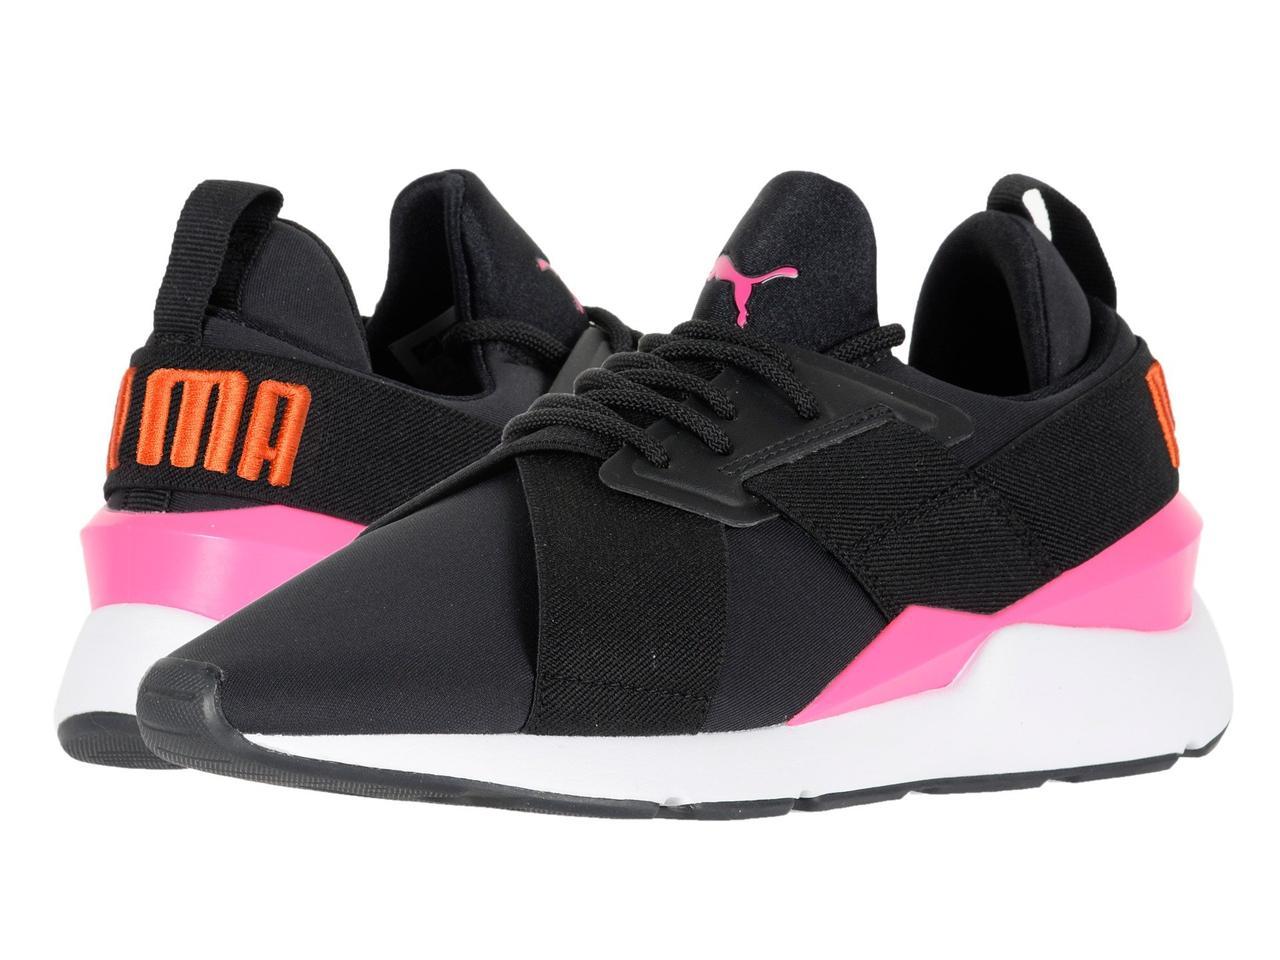 1f8a74fd886098 Кроссовки/Кеды (Оригинал) PUMA Muse Chase Puma Black/Knockout Pink ...